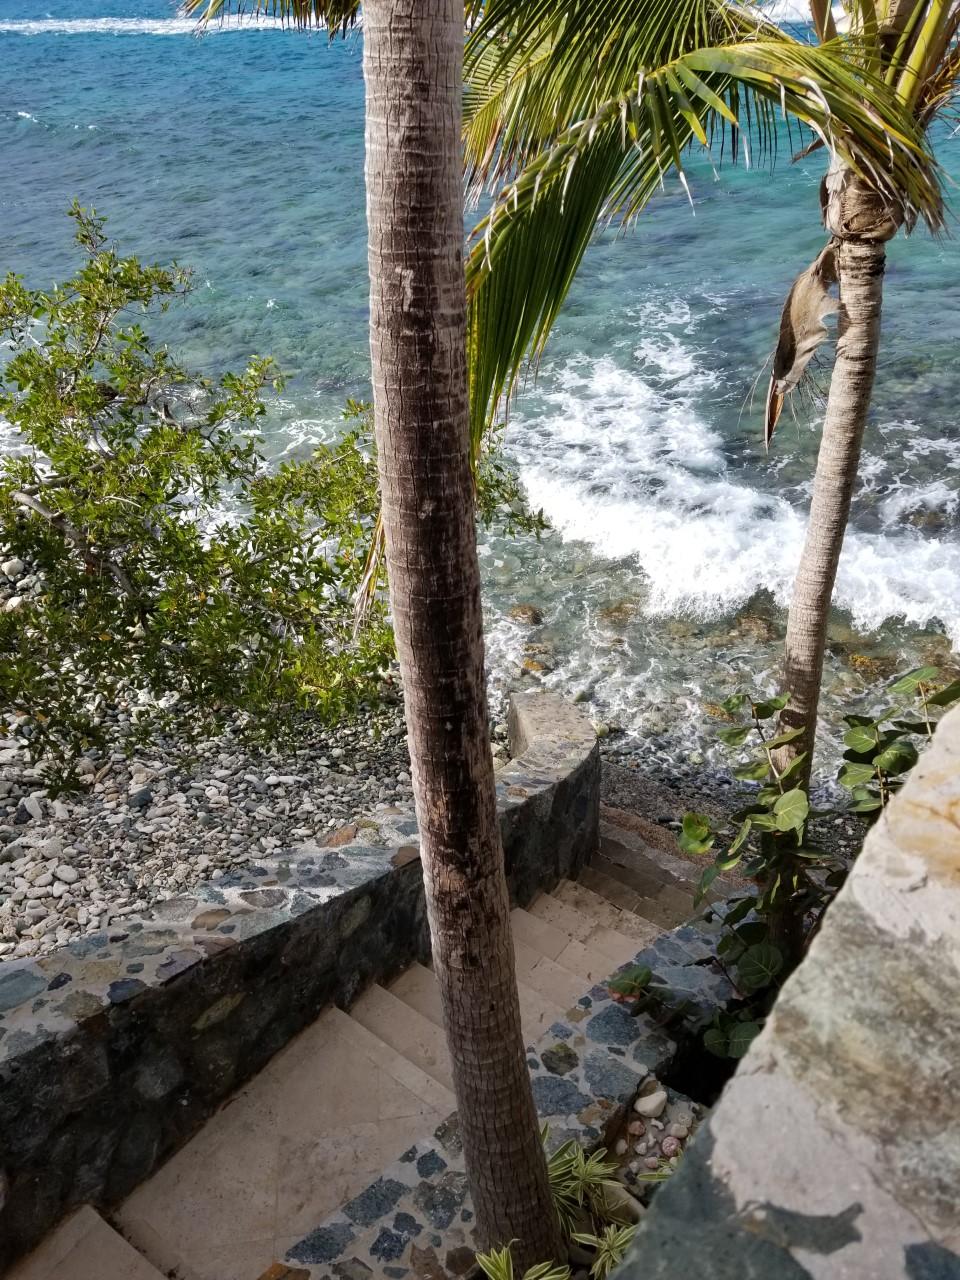 Stair to ocean